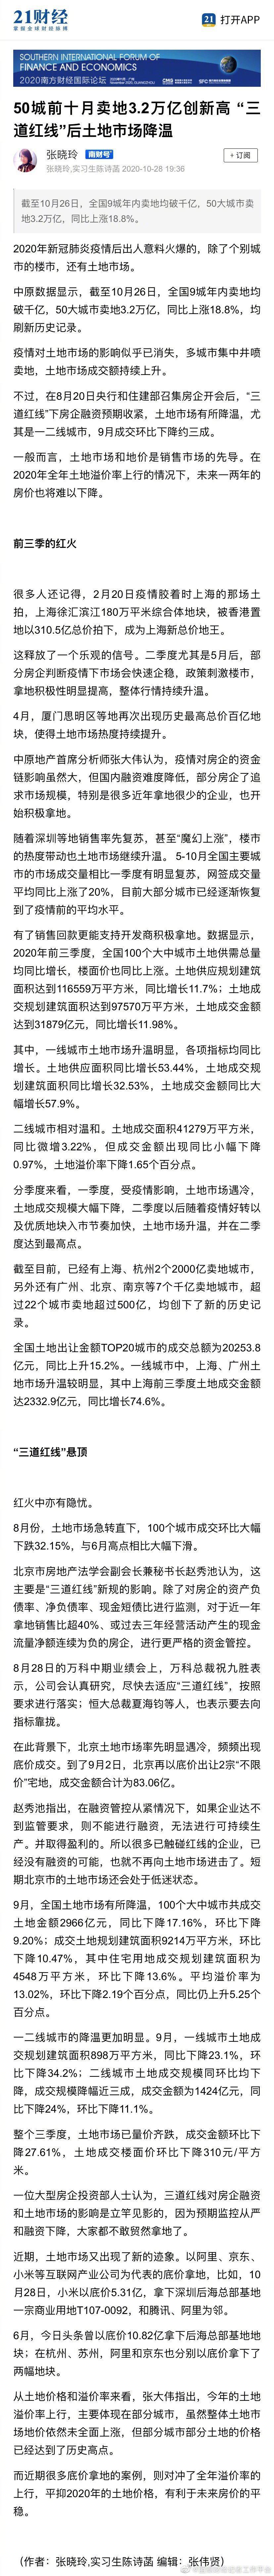 """50城前十月卖地3.2万亿创新高 """"三道红线""""后土地市场降温"""